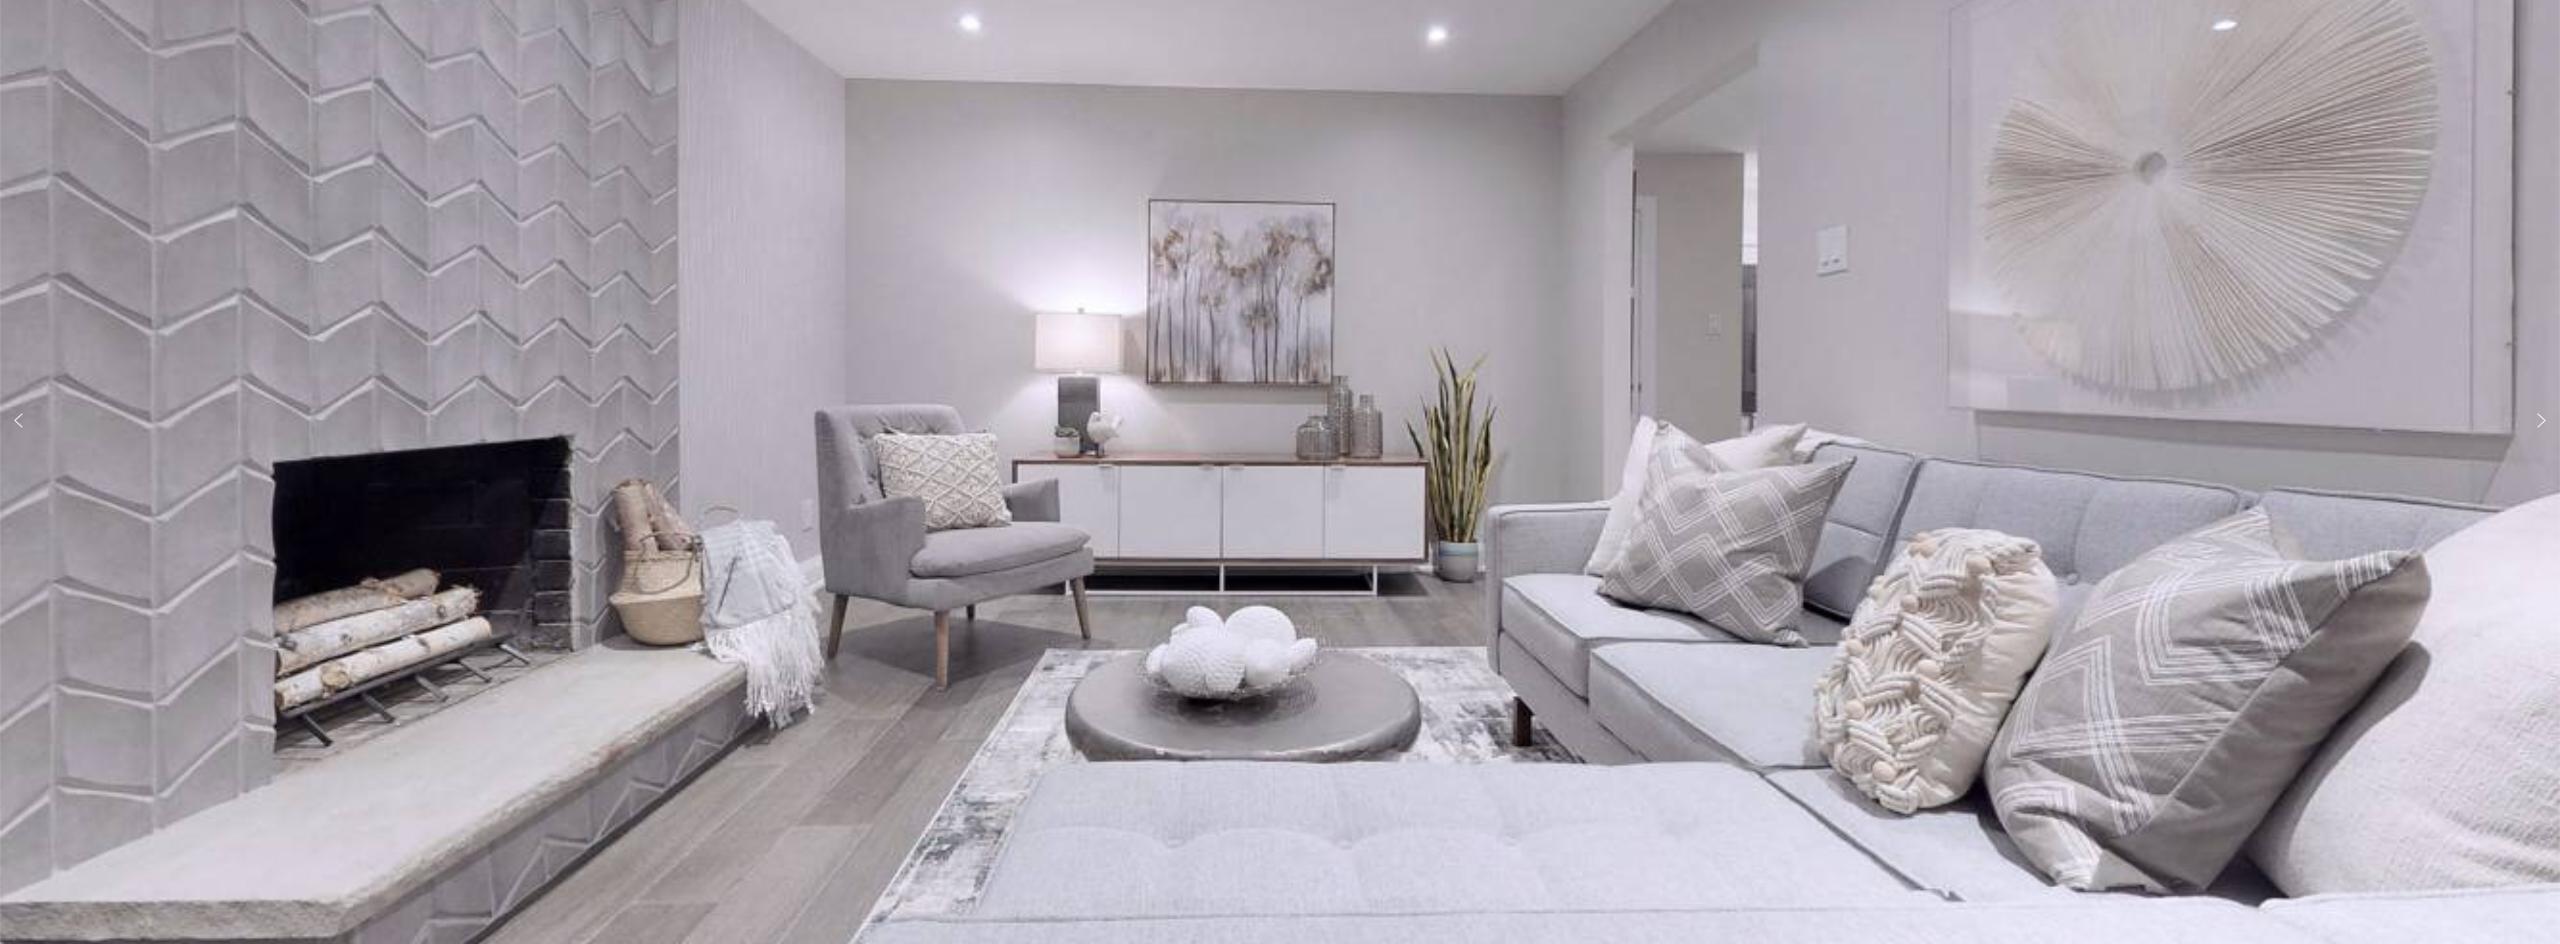 Lori Pedersen Home Staging + Styling